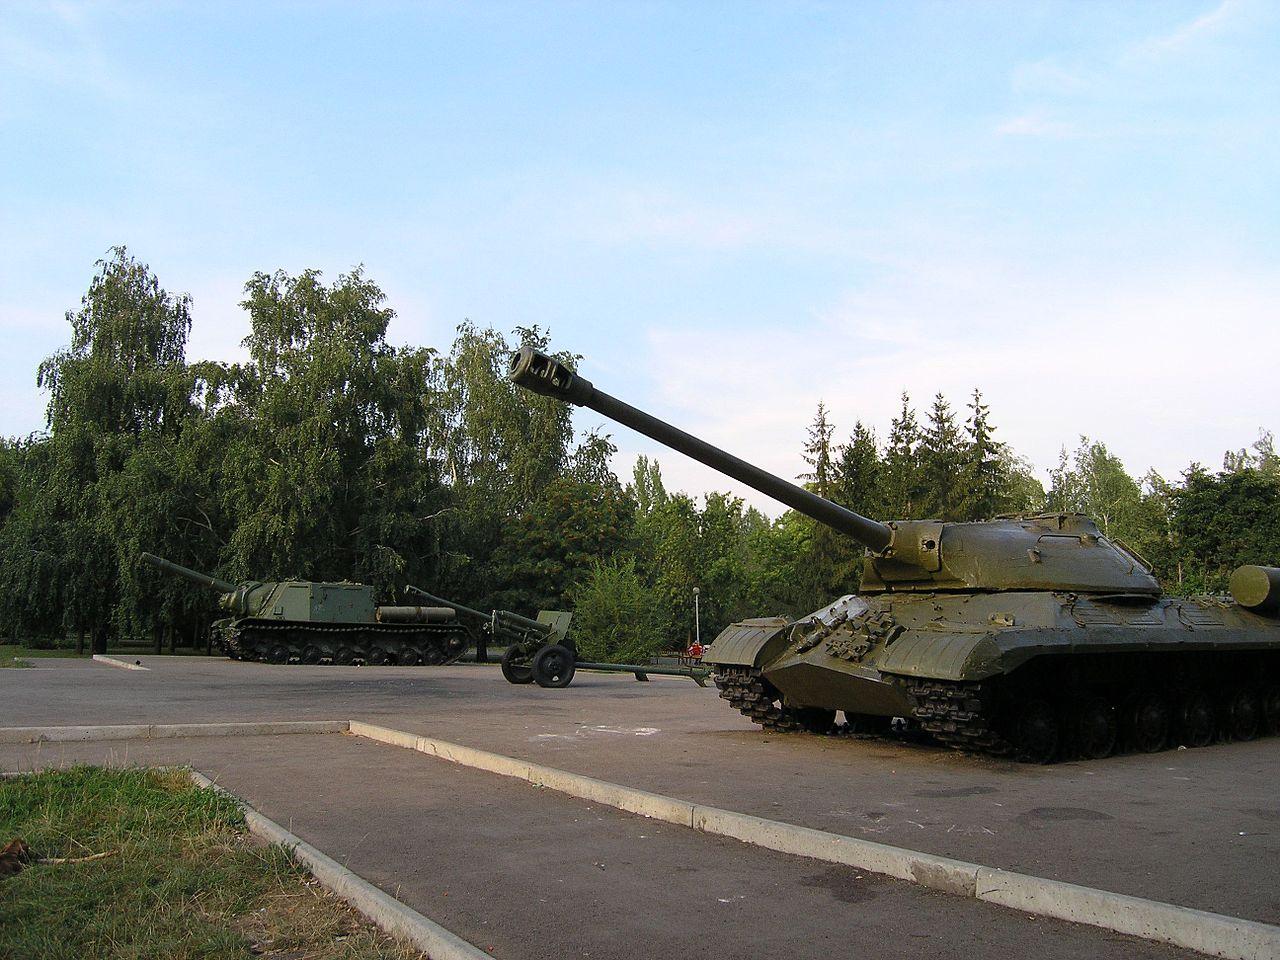 Togliatti Russia  City new picture : Park of Victory 2, Togliatti, Russia Wikipedia, the free ...